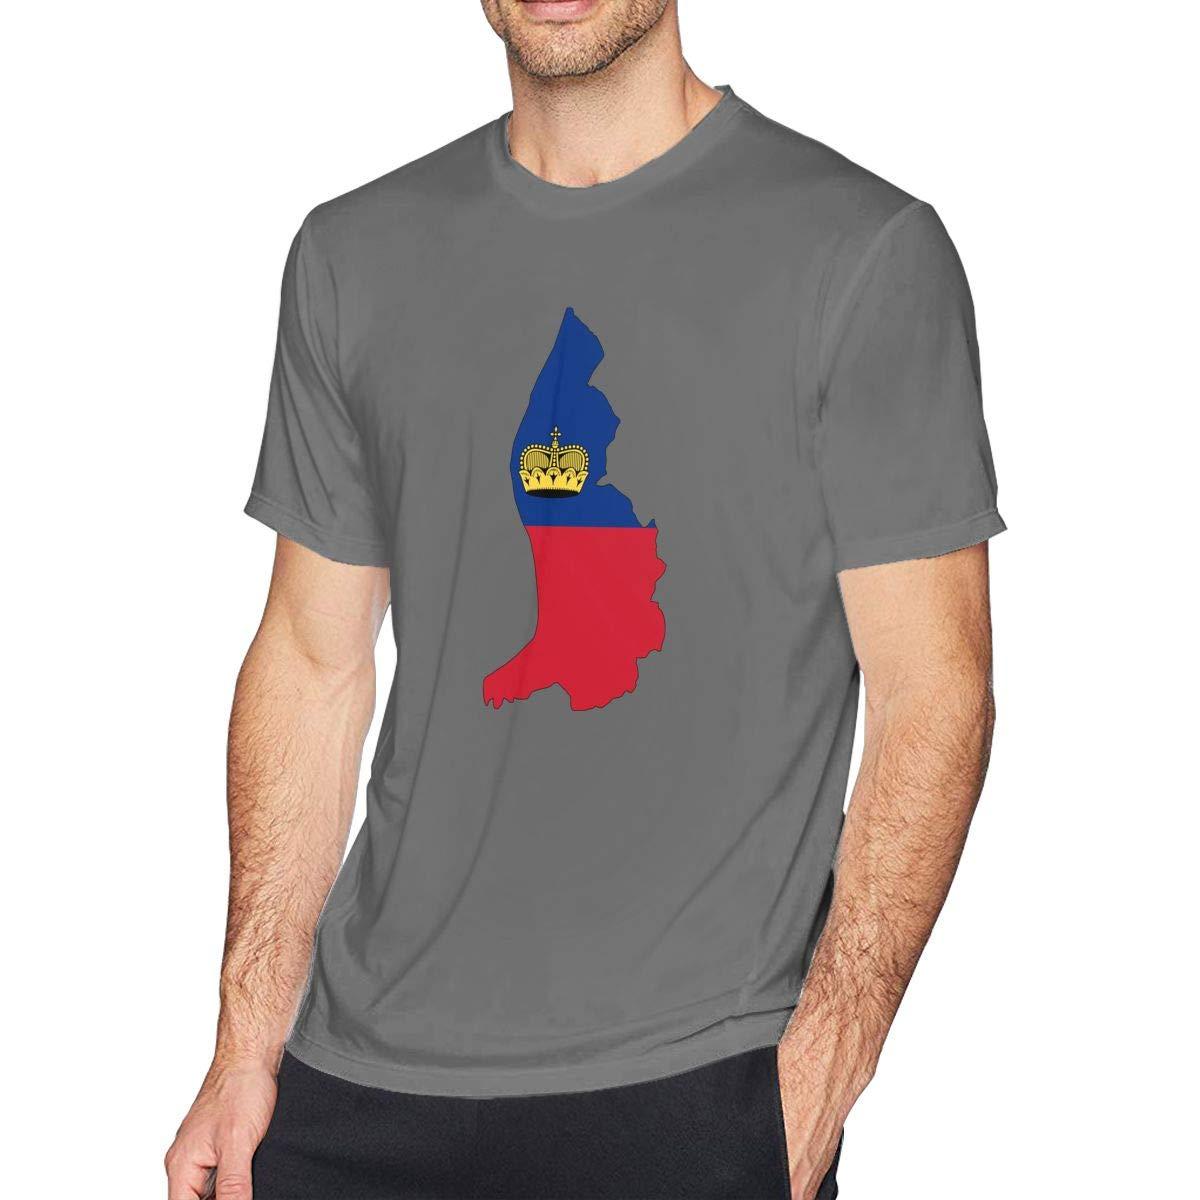 SUMT4men Liechtenstein Mens Crew Neck Short Sleeve T-Shirt Casual Shirt for Men